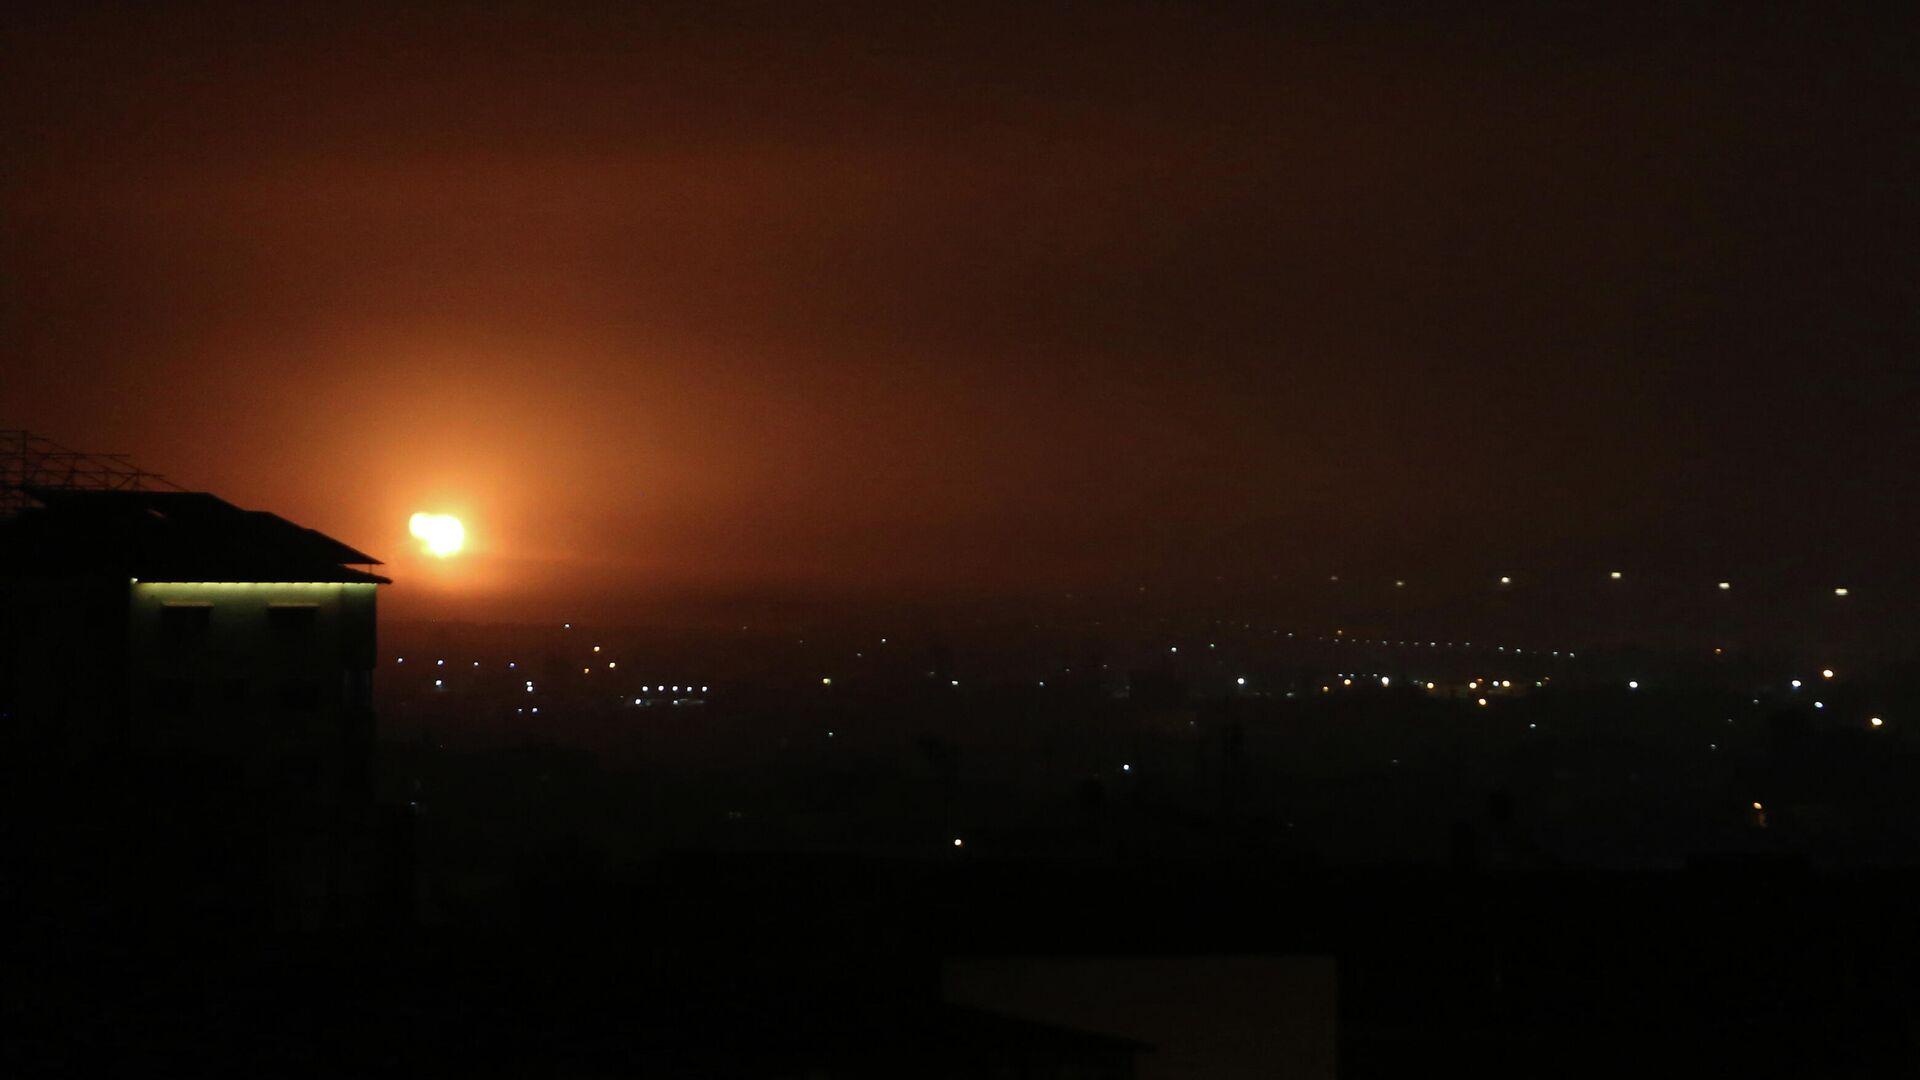 Авиаудар, нанесенный Израилем по югу сектора Газа. 16 апреля 2021 - РИА Новости, 1920, 13.05.2021